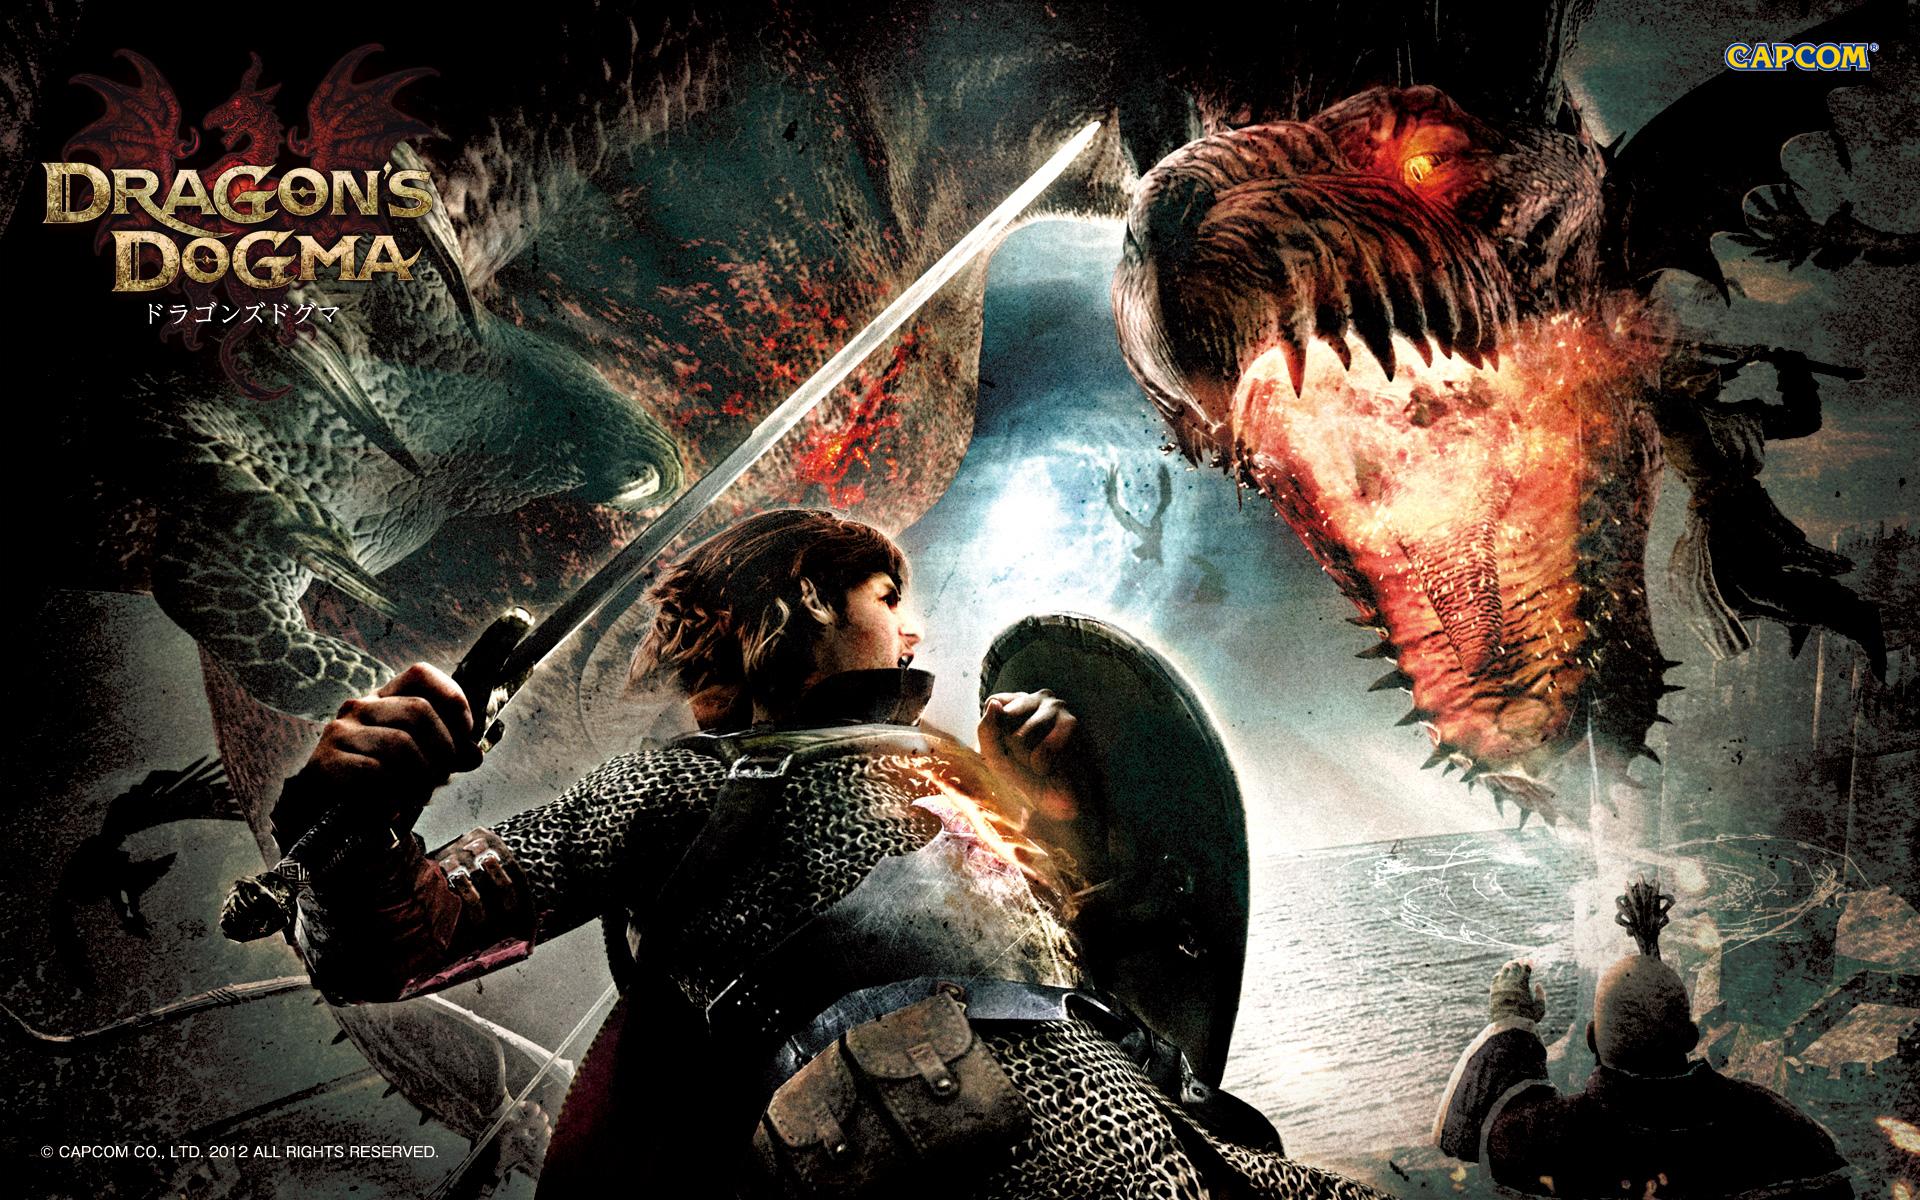 Dragon's Dogma - Wallpaper Full HD - 1920x1200 - Knight vs Dragon